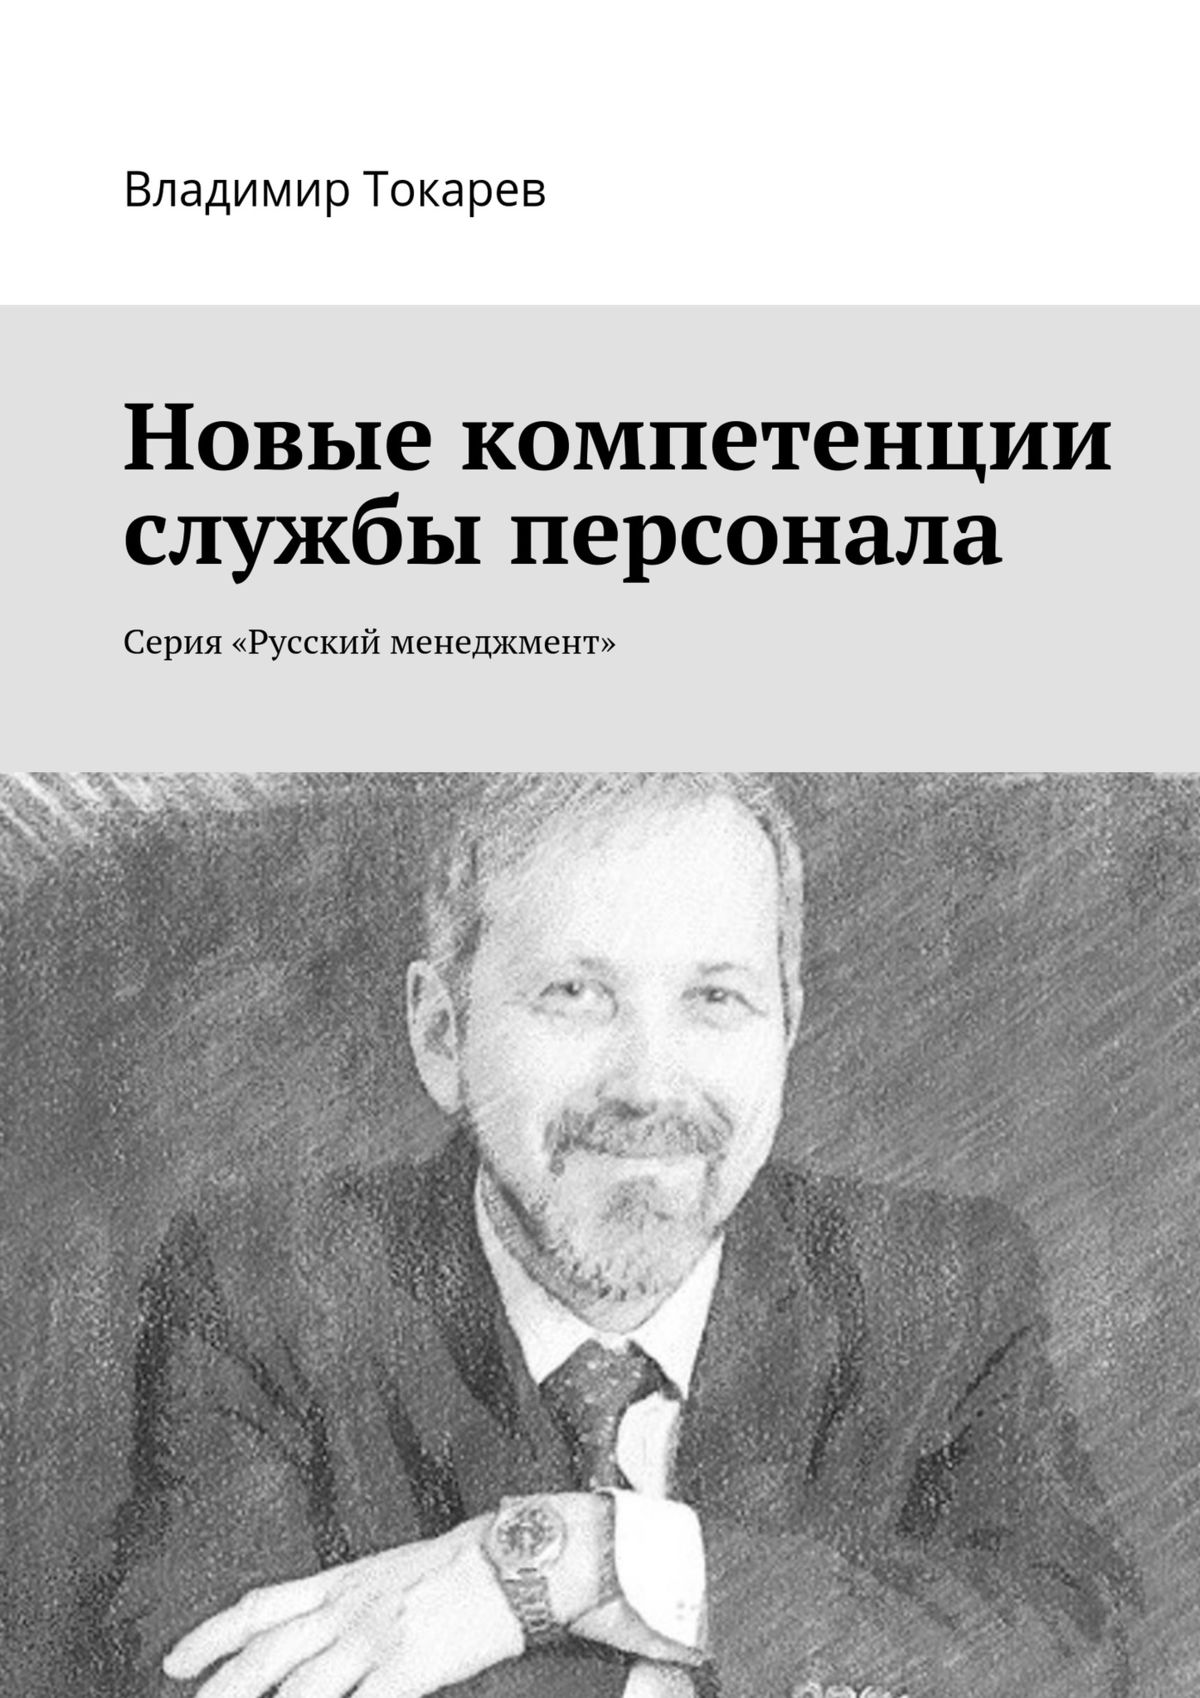 Владимир Токарев Новые компетенции службы персонала. Серия «Русский менеджмент»